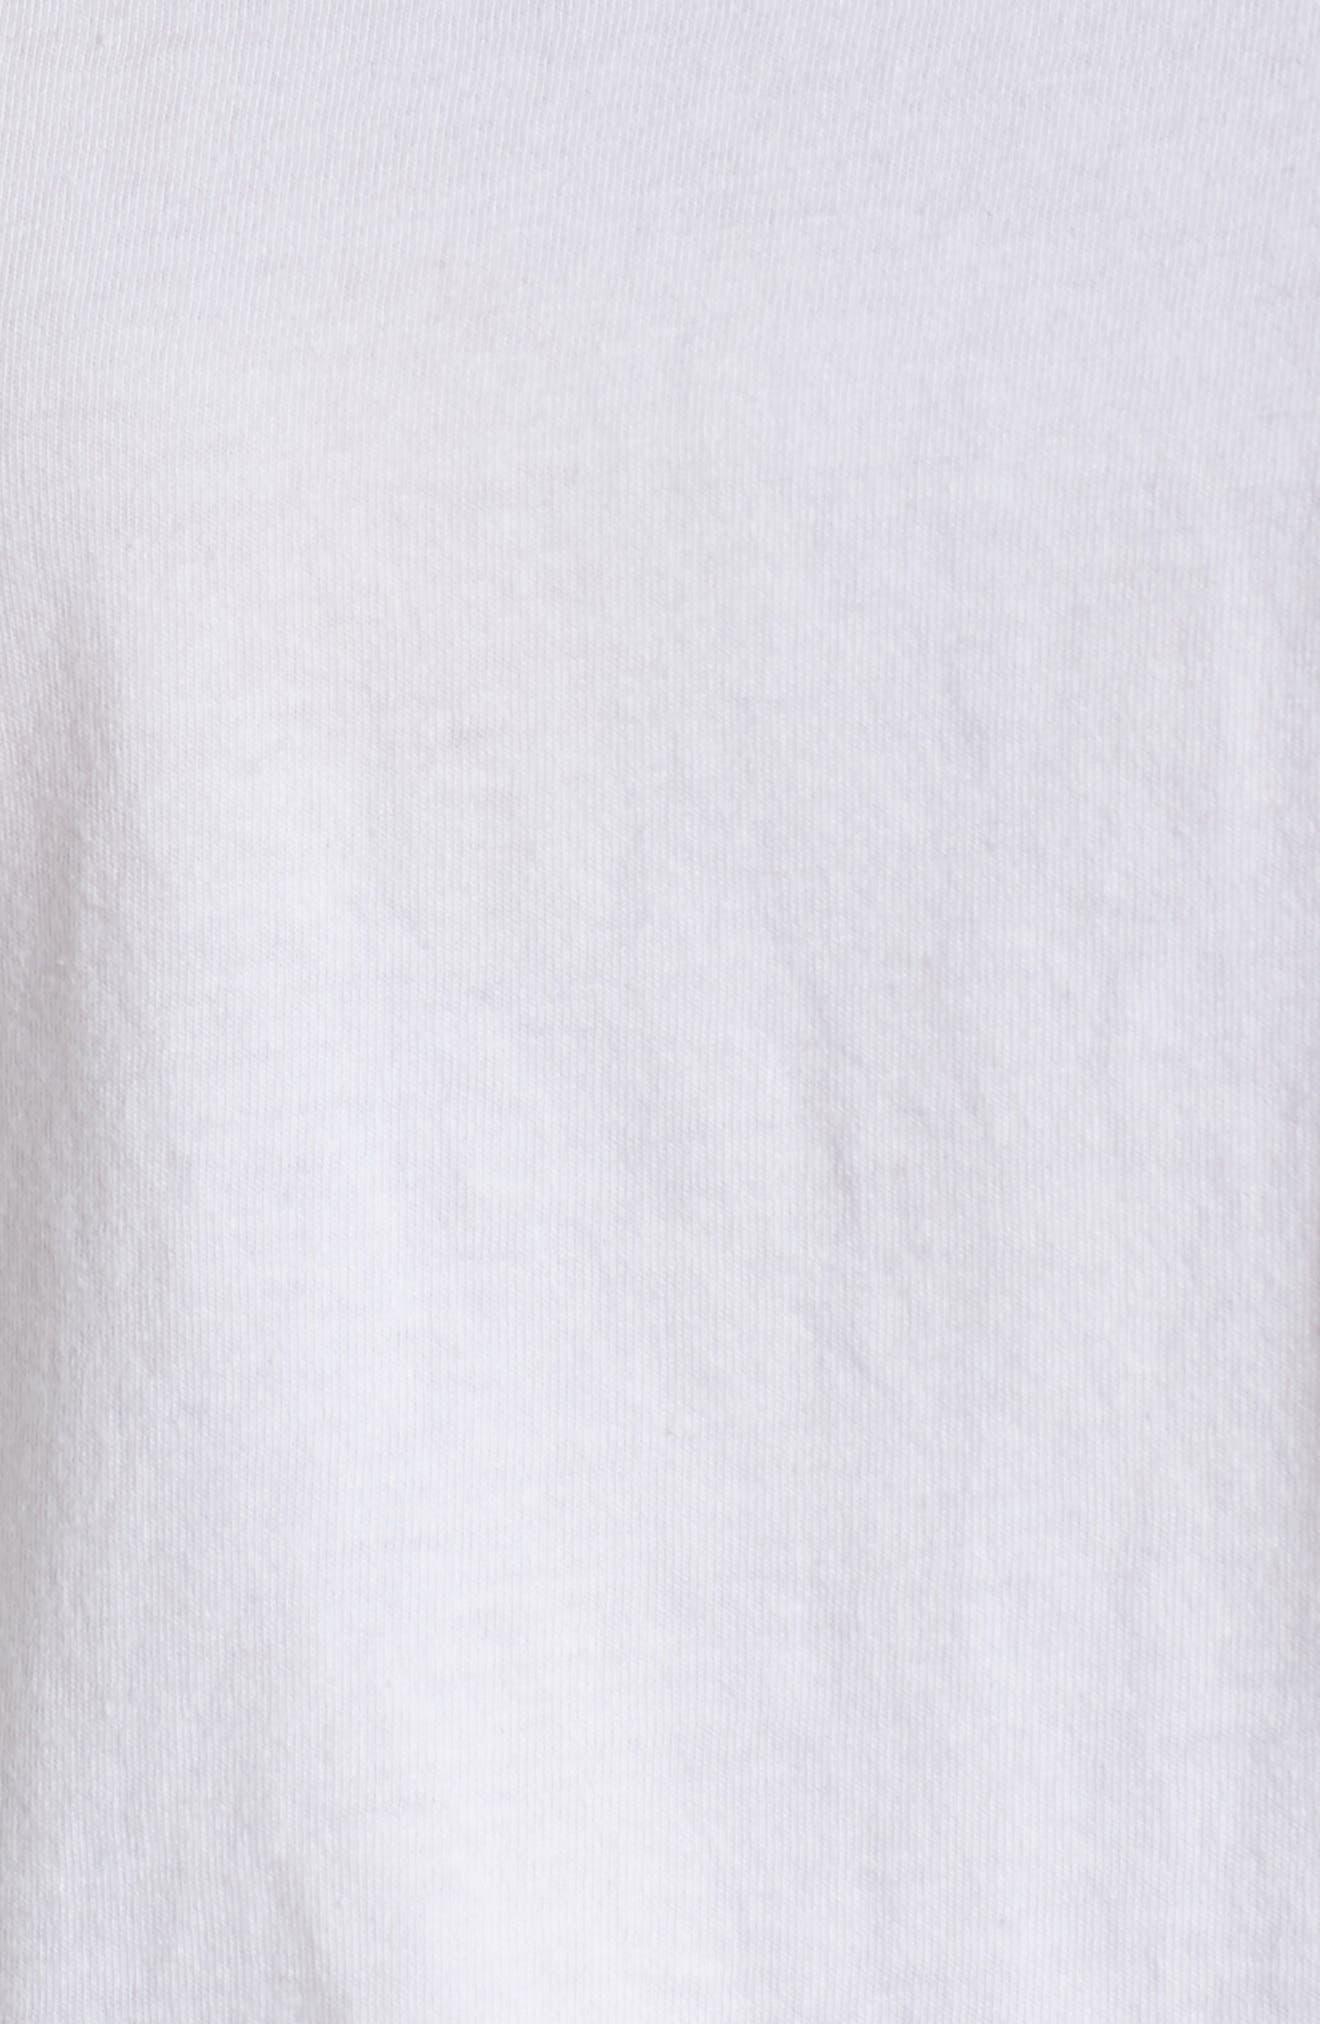 Long Sleeve Pocket Tee,                             Alternate thumbnail 5, color,                             115